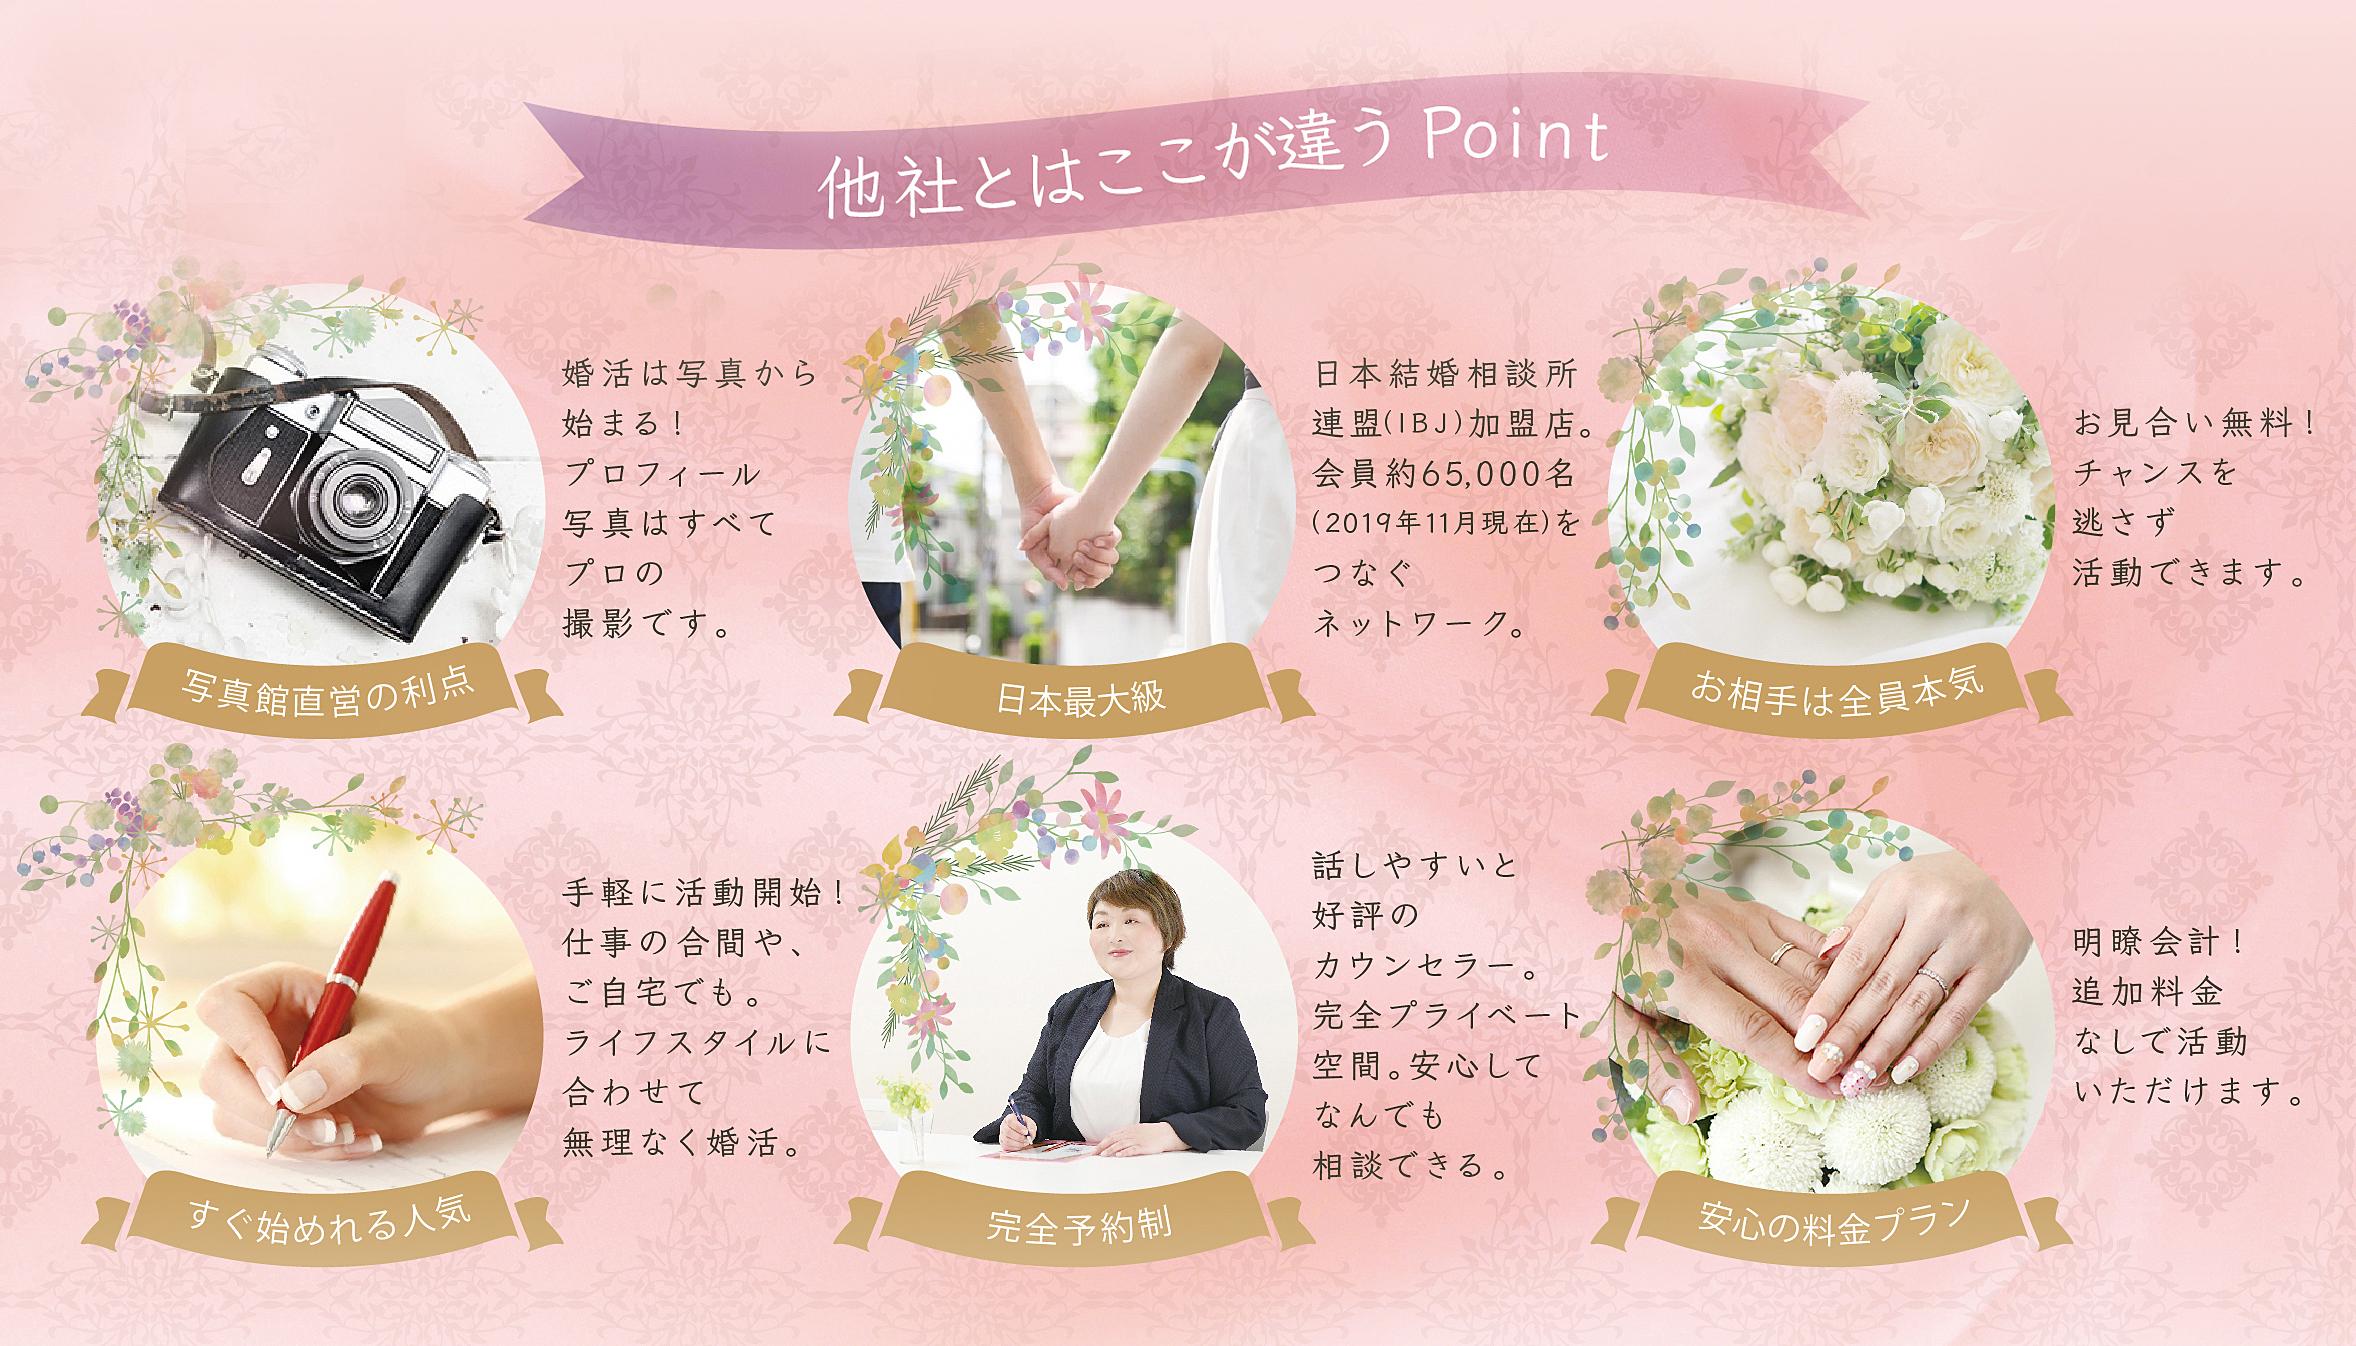 広島と奈良のさくら咲ク結婚相談所が人気の理由を説明しています